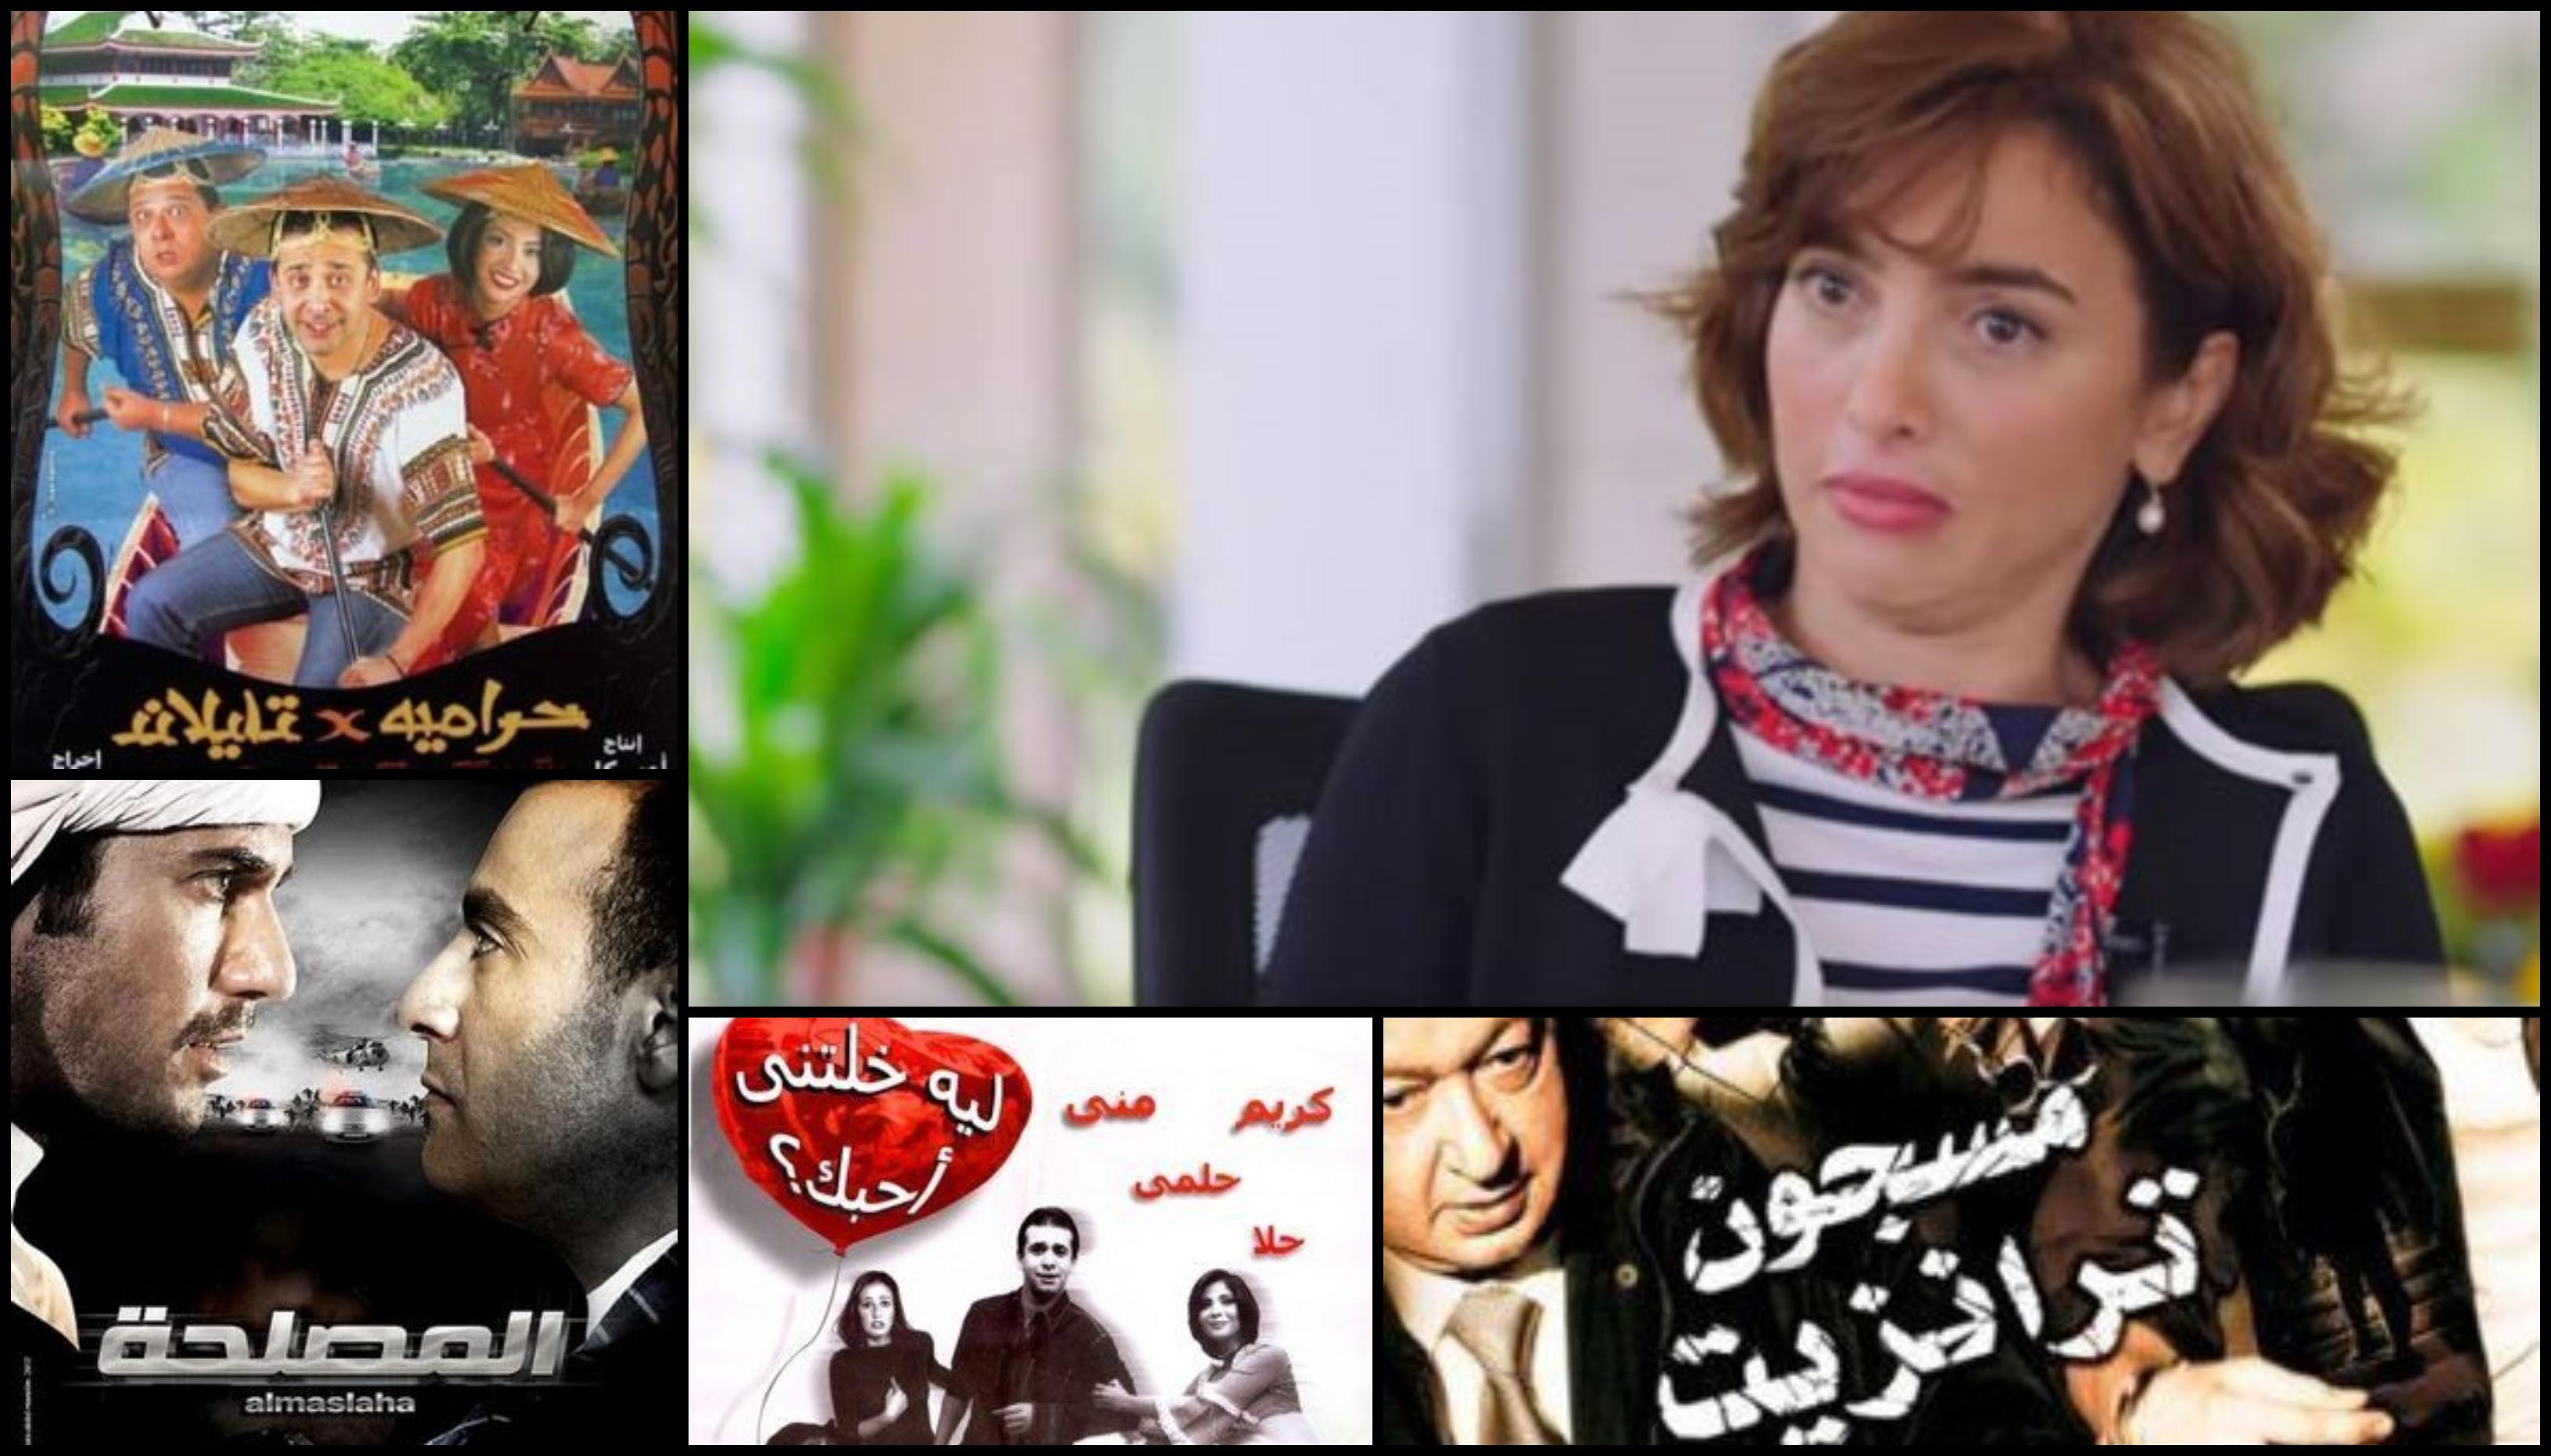 المخرج ساندرا نشأت قدمت 8 أفلام فقط للسينما المصرية